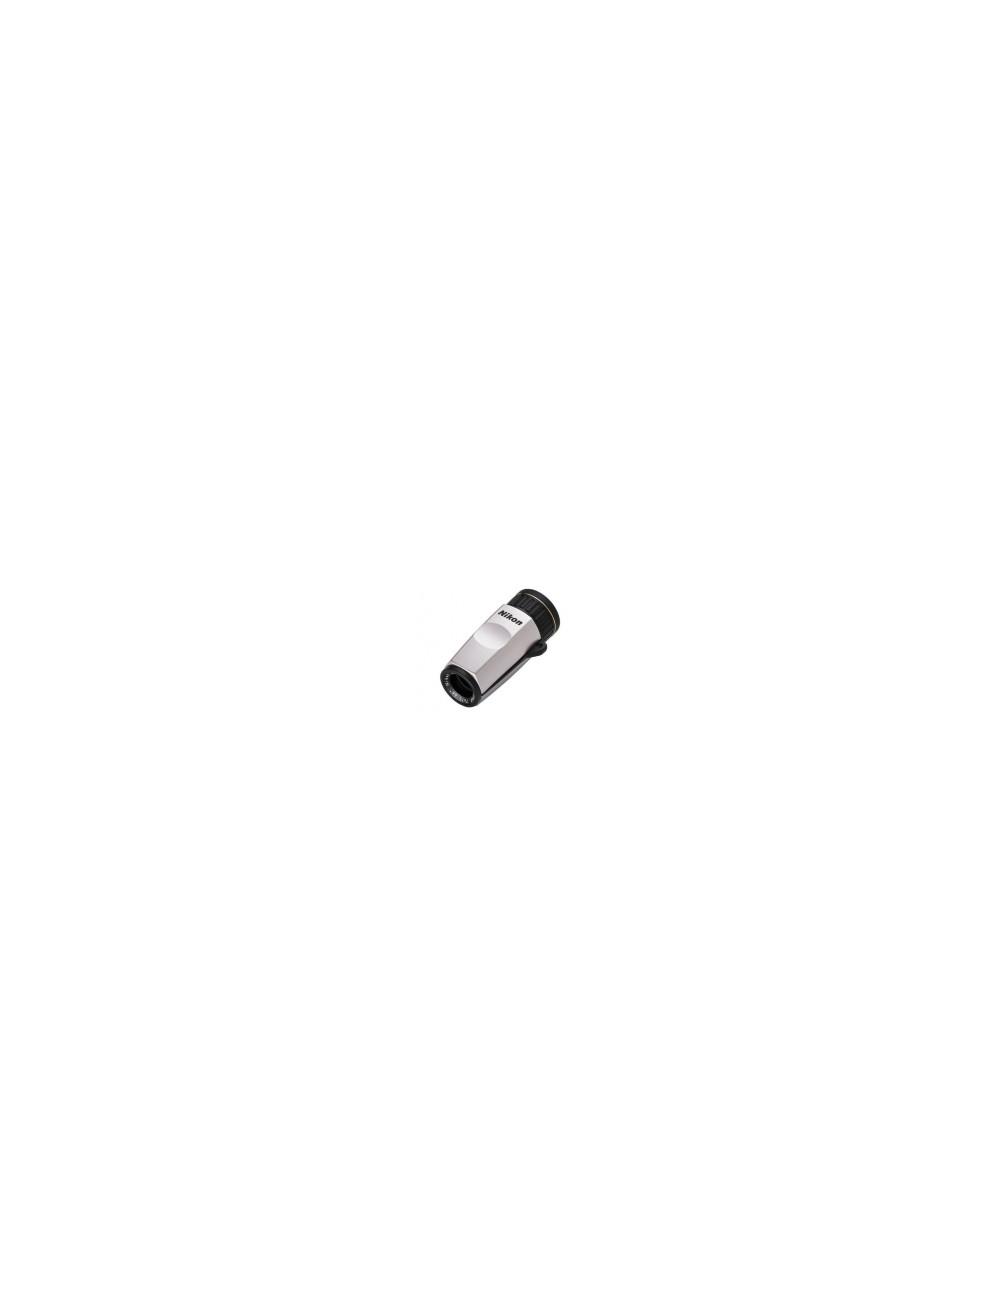 Monoculaire NIKON 7x15 HG